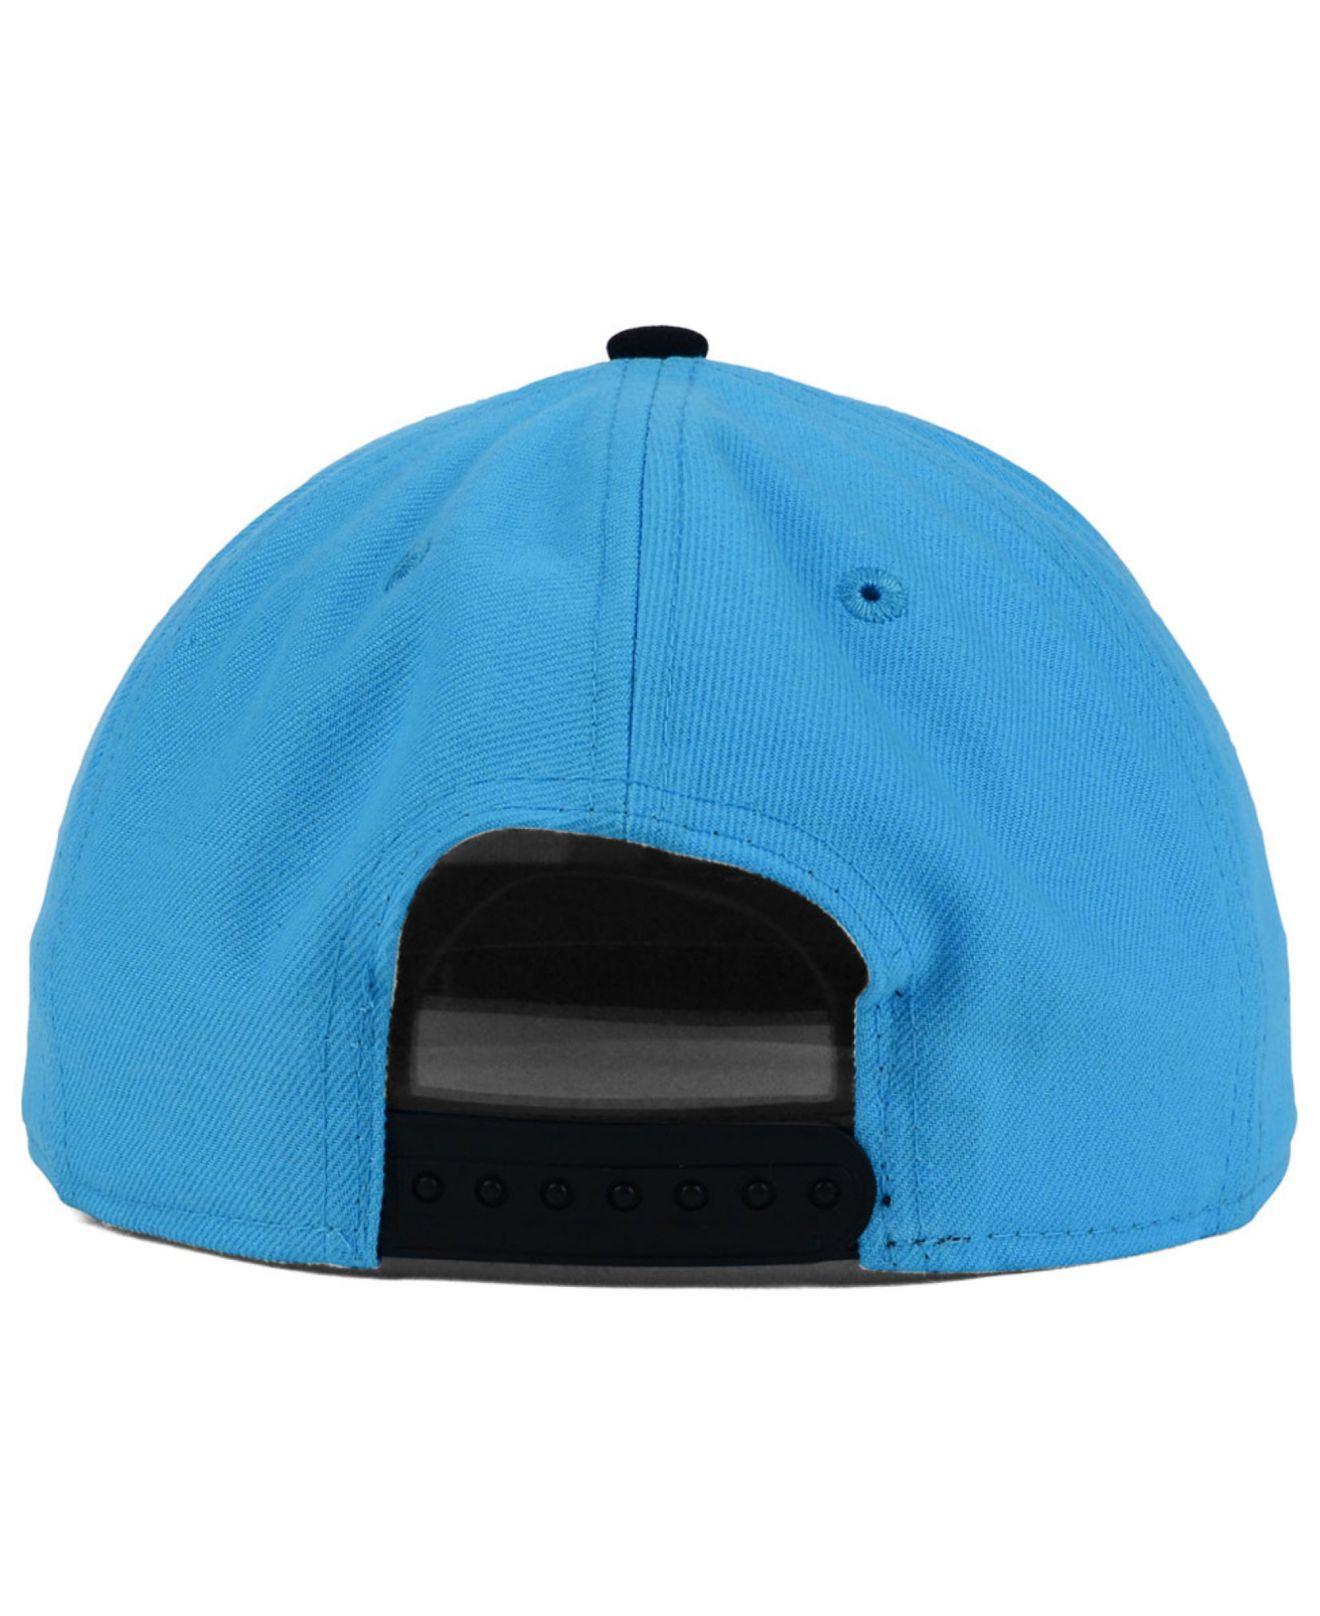 ... new zealand new york yankees hat in australia queen 4d07d 5a95b ... e66b292c01b2